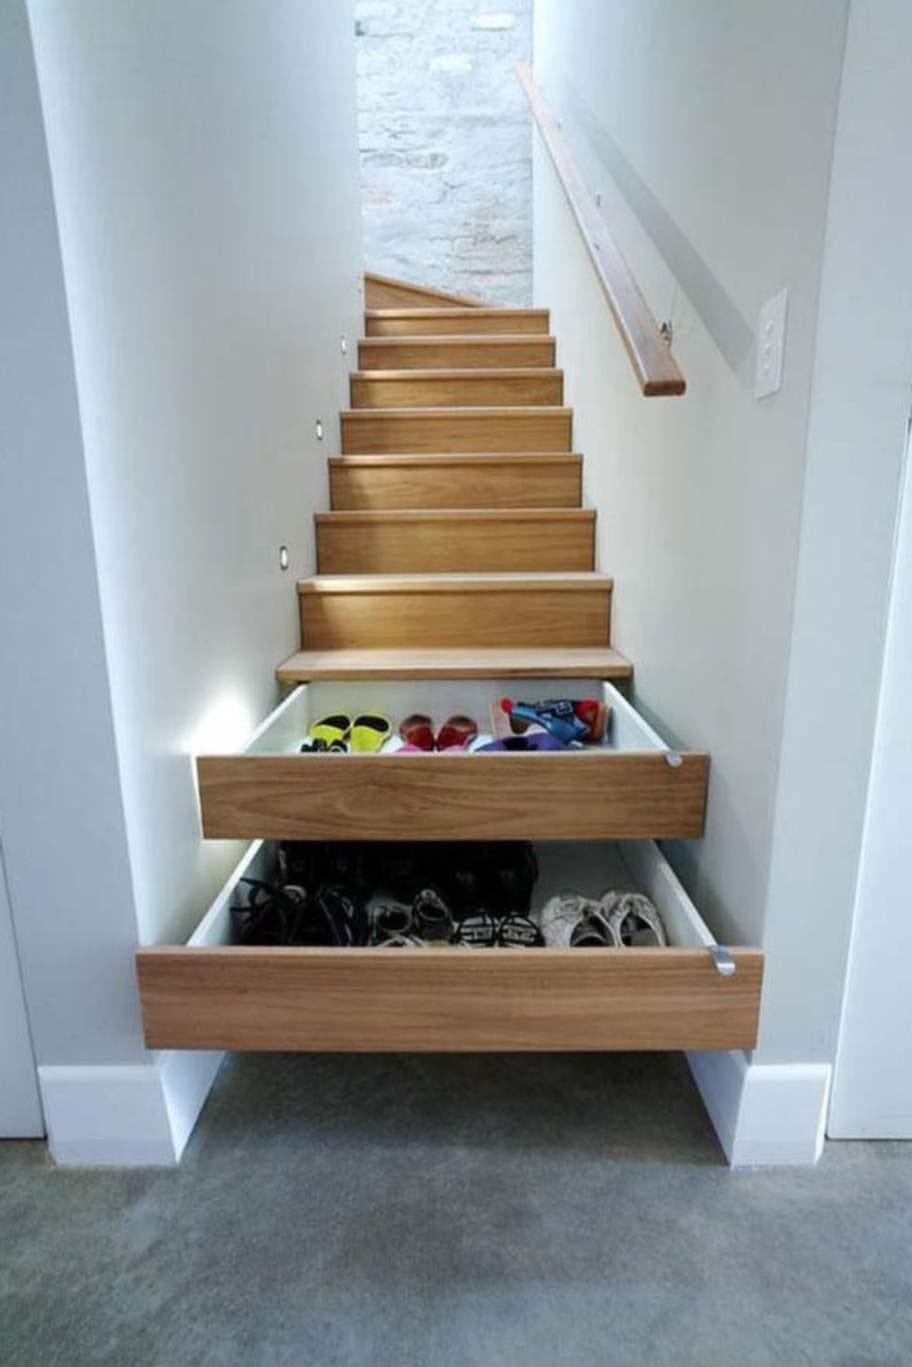 Installera lådor i trappan.